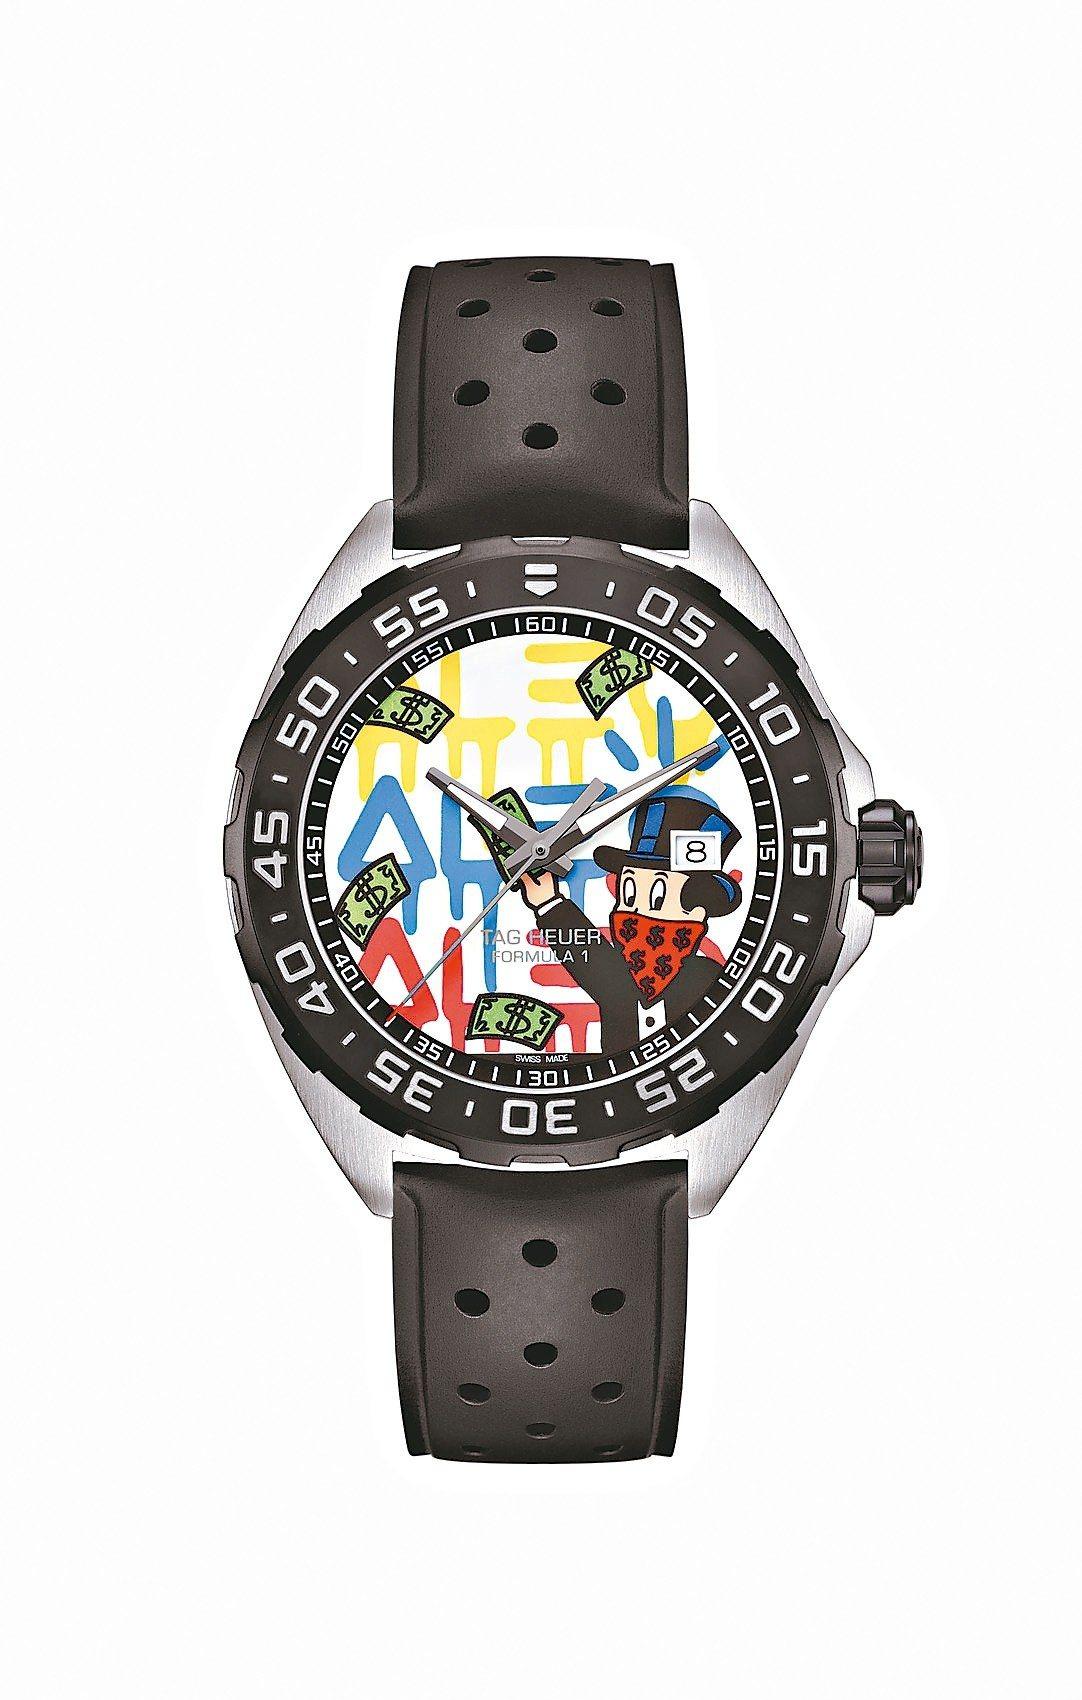 泰格豪雅Formula 1 Alec Monopoly聯名腕表,精鋼表殼、Ale...